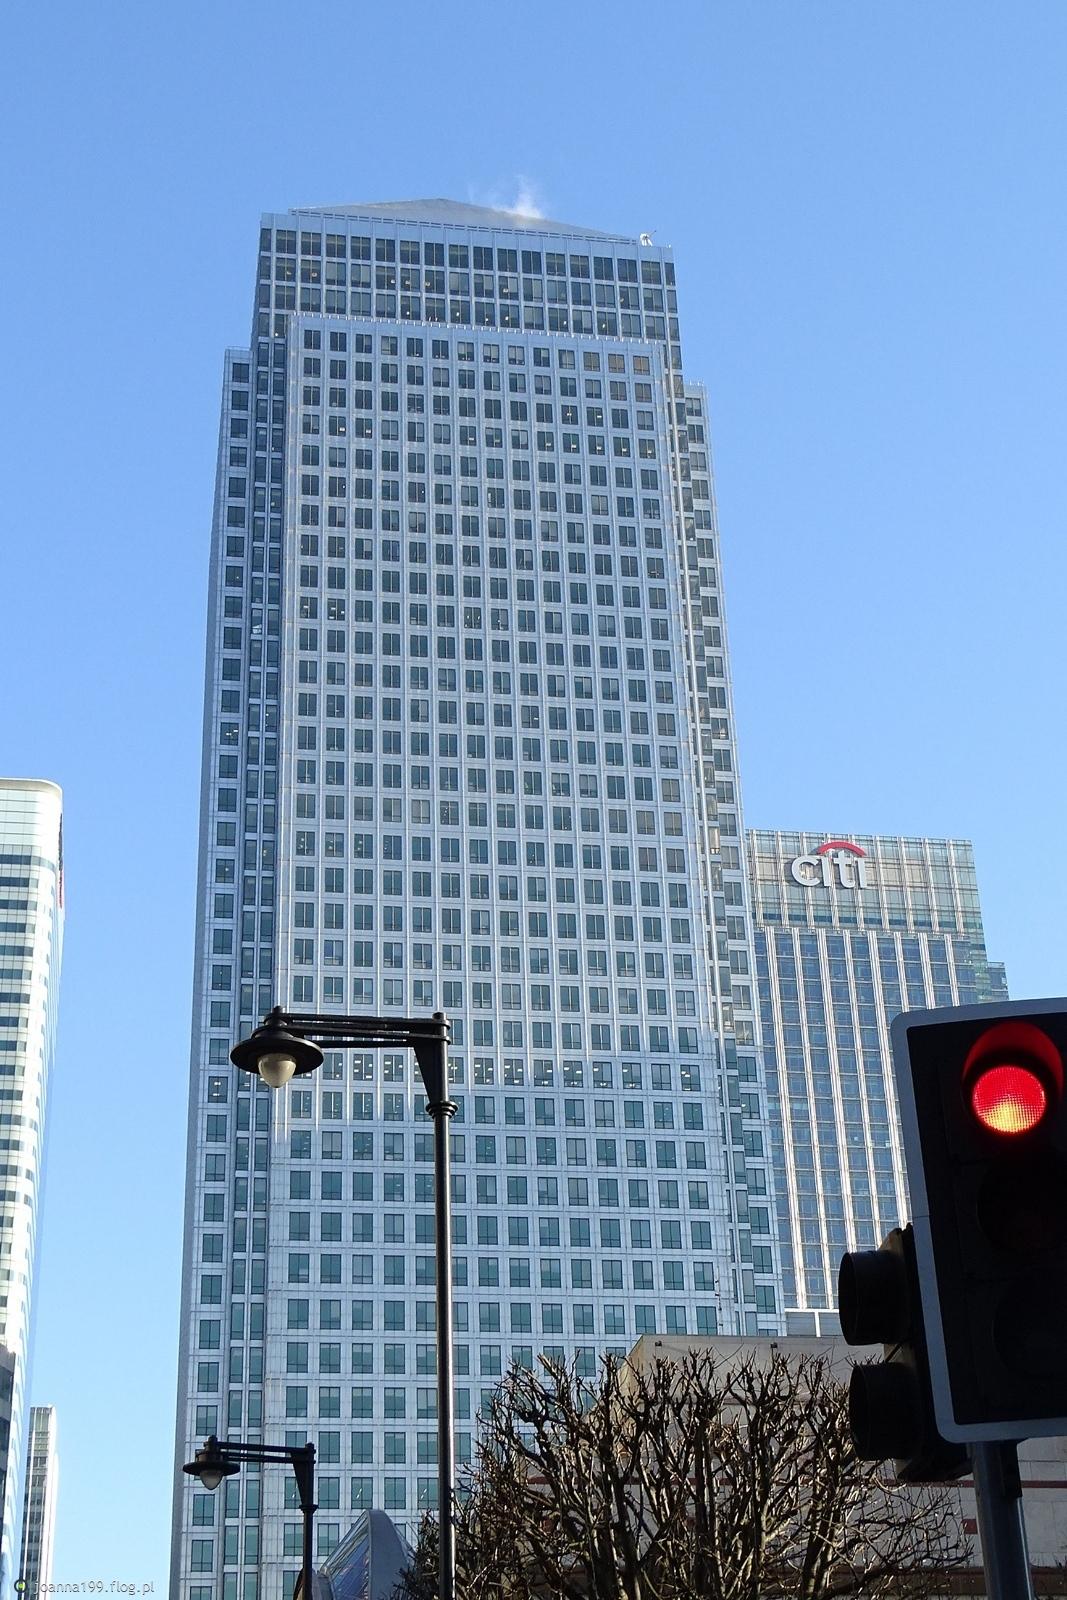 mercedesem po Londynie .....wspominki .... doberek kochani :))))